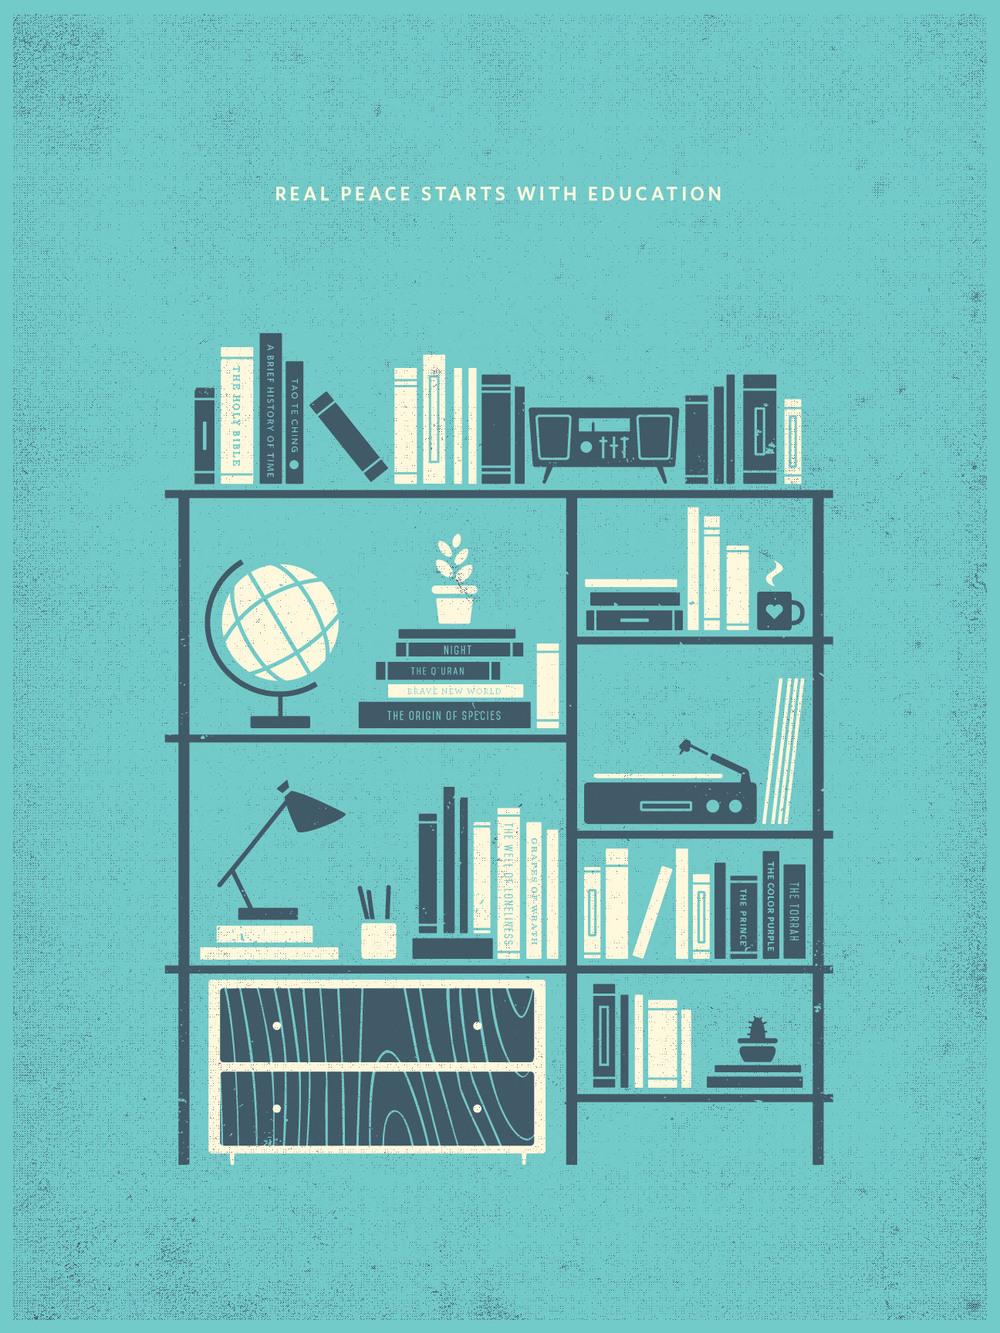 Shelves: Jessica Smolinski